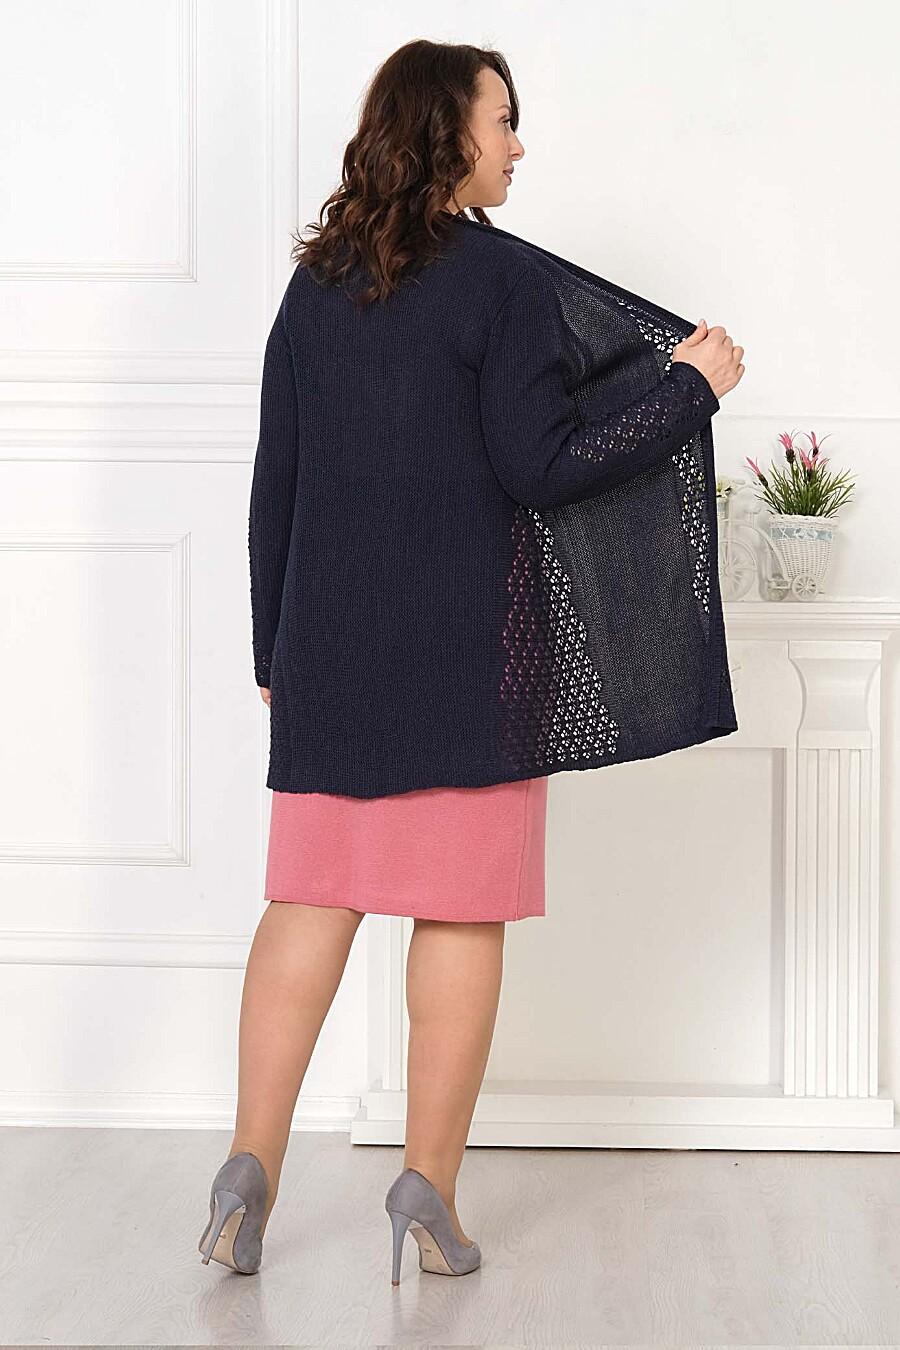 Кардиган для женщин ANKOLI 184397 купить оптом от производителя. Совместная покупка женской одежды в OptMoyo